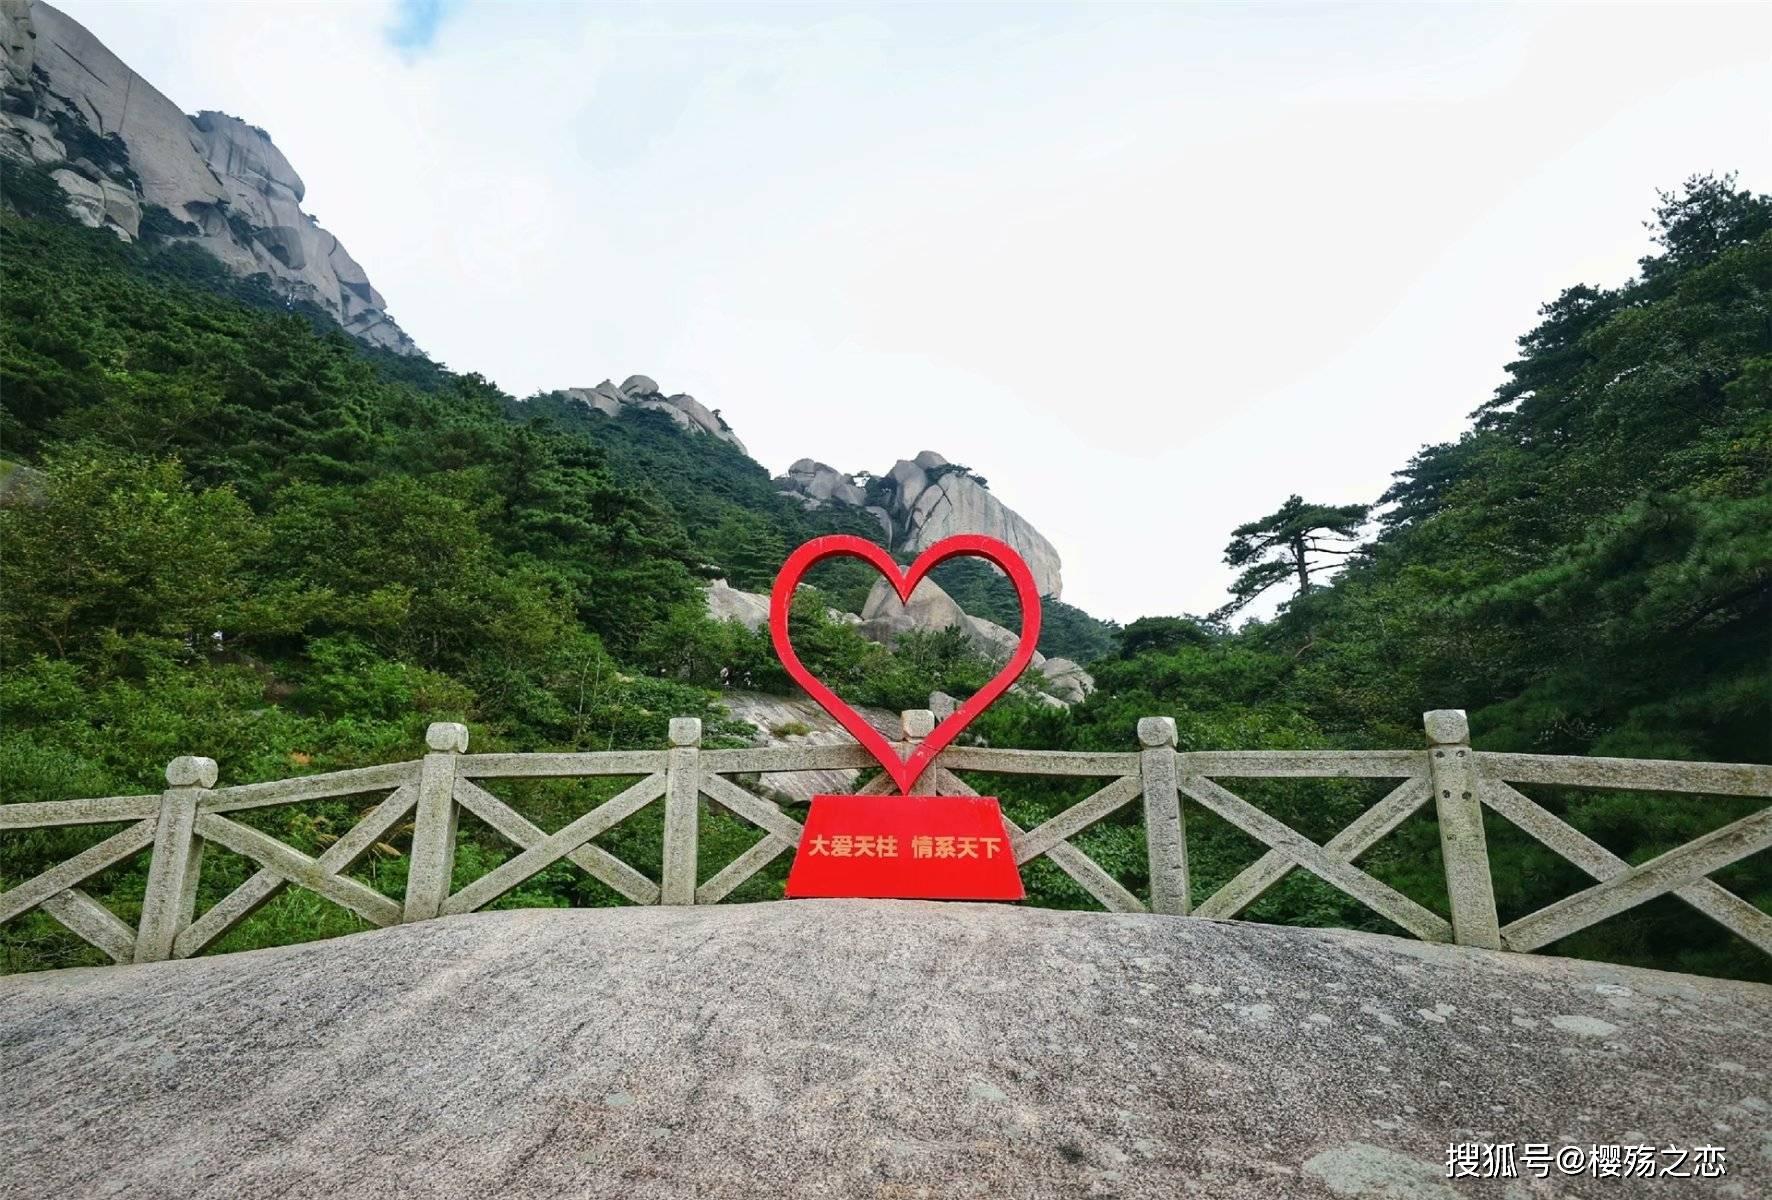 原创             位列安徽三大名山之一,被称为七仙女的故乡,《琉璃》曾在此取景